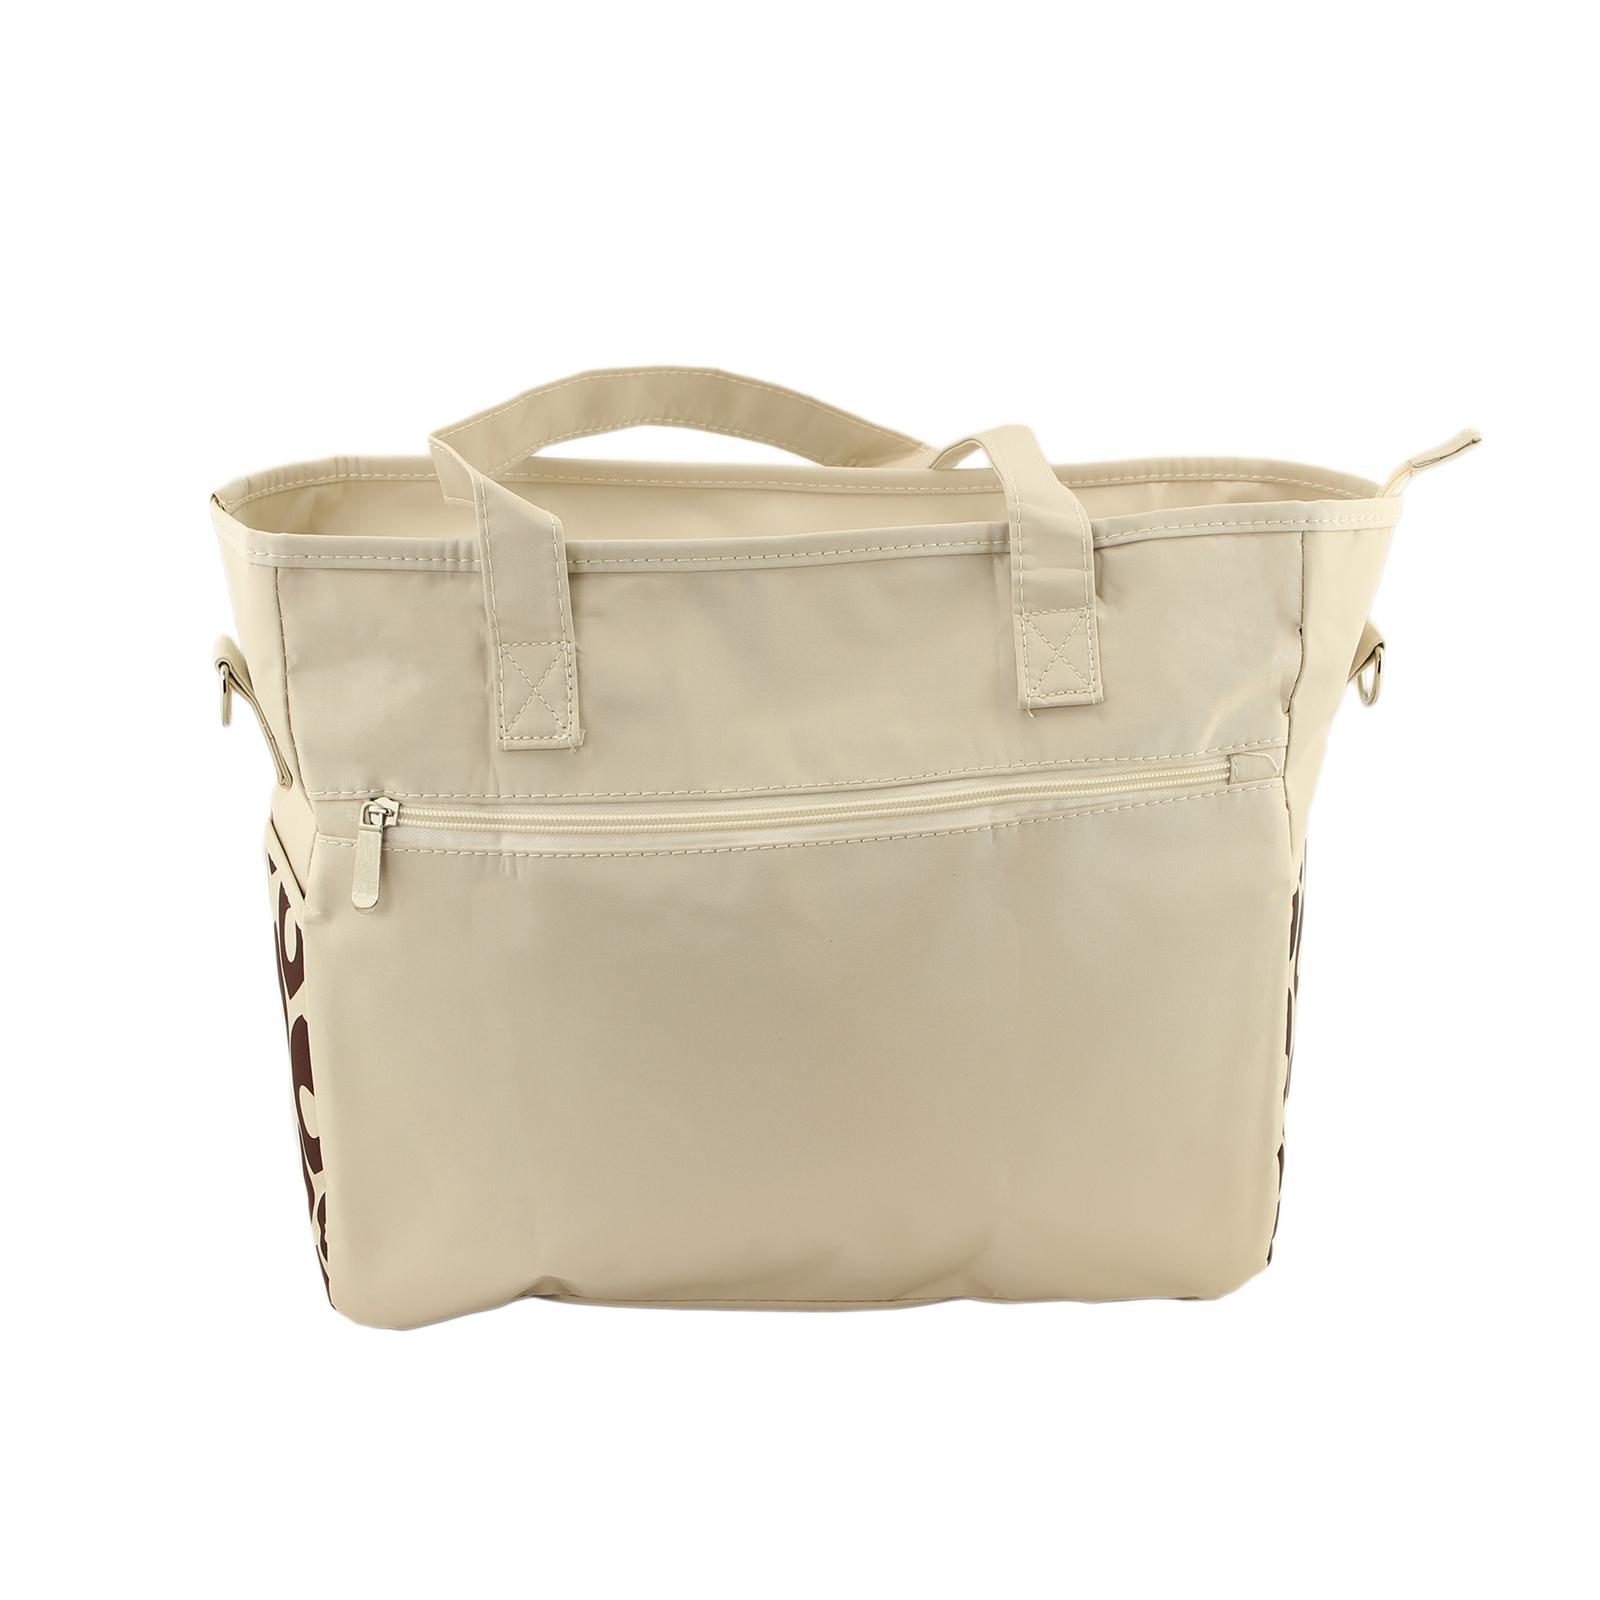 baby diaper bag for stylish moms travel tote fashionable messenger weekend bag ebay. Black Bedroom Furniture Sets. Home Design Ideas